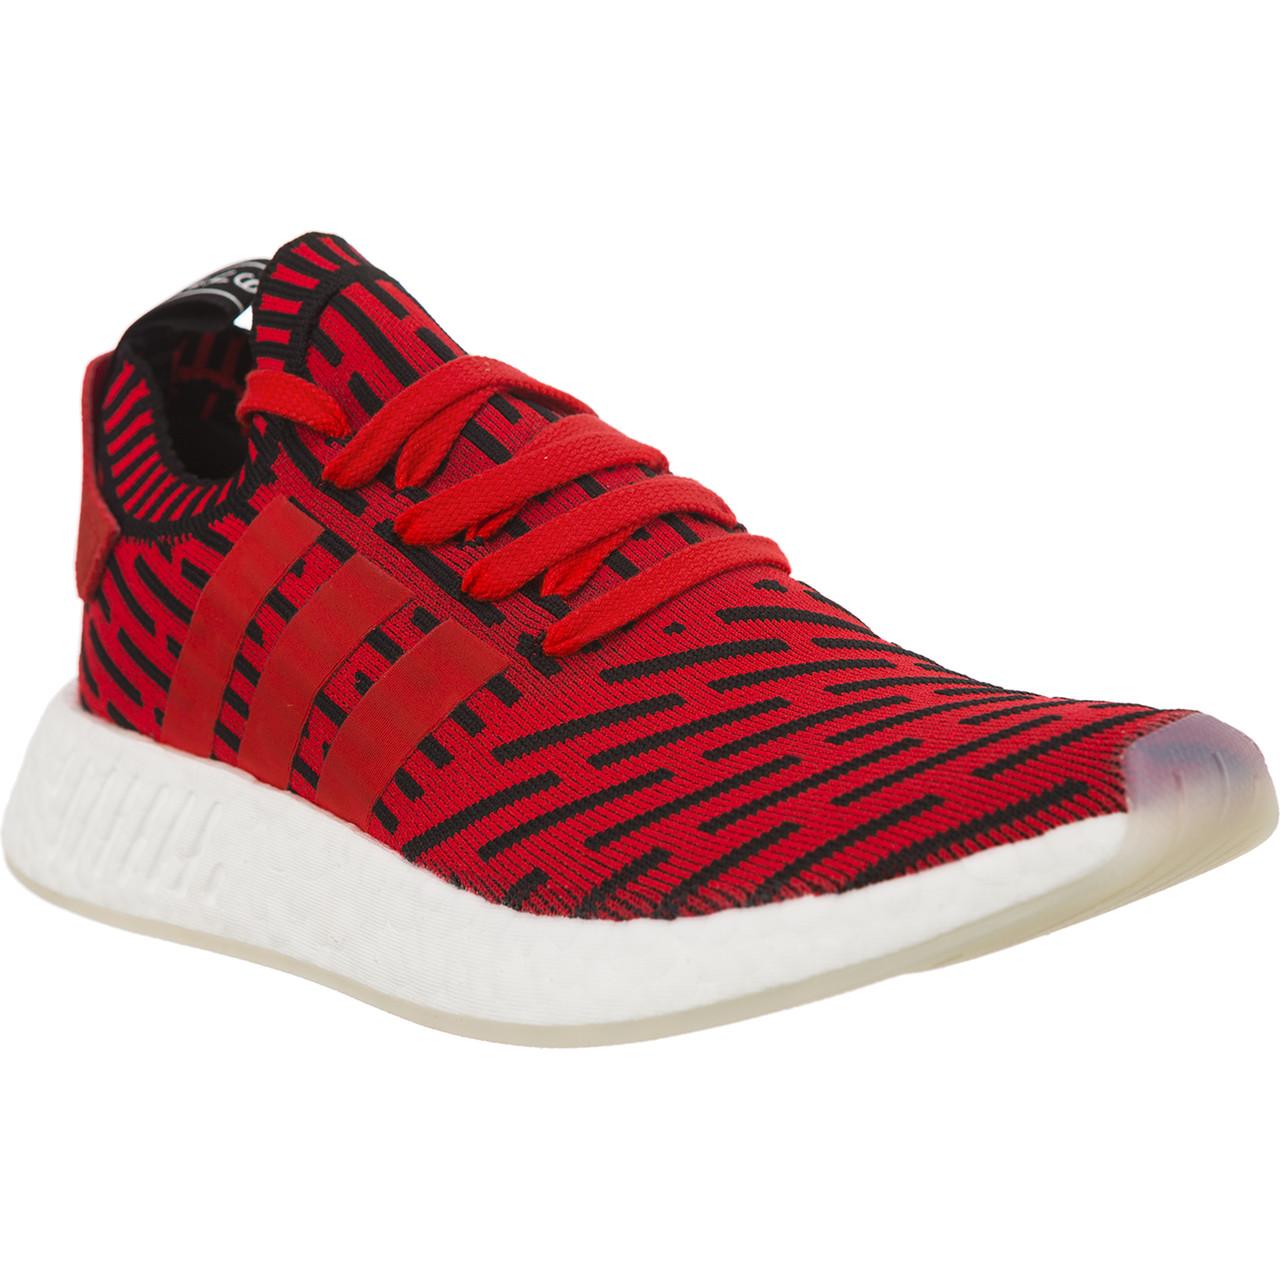 buty adidas nmd czerwone